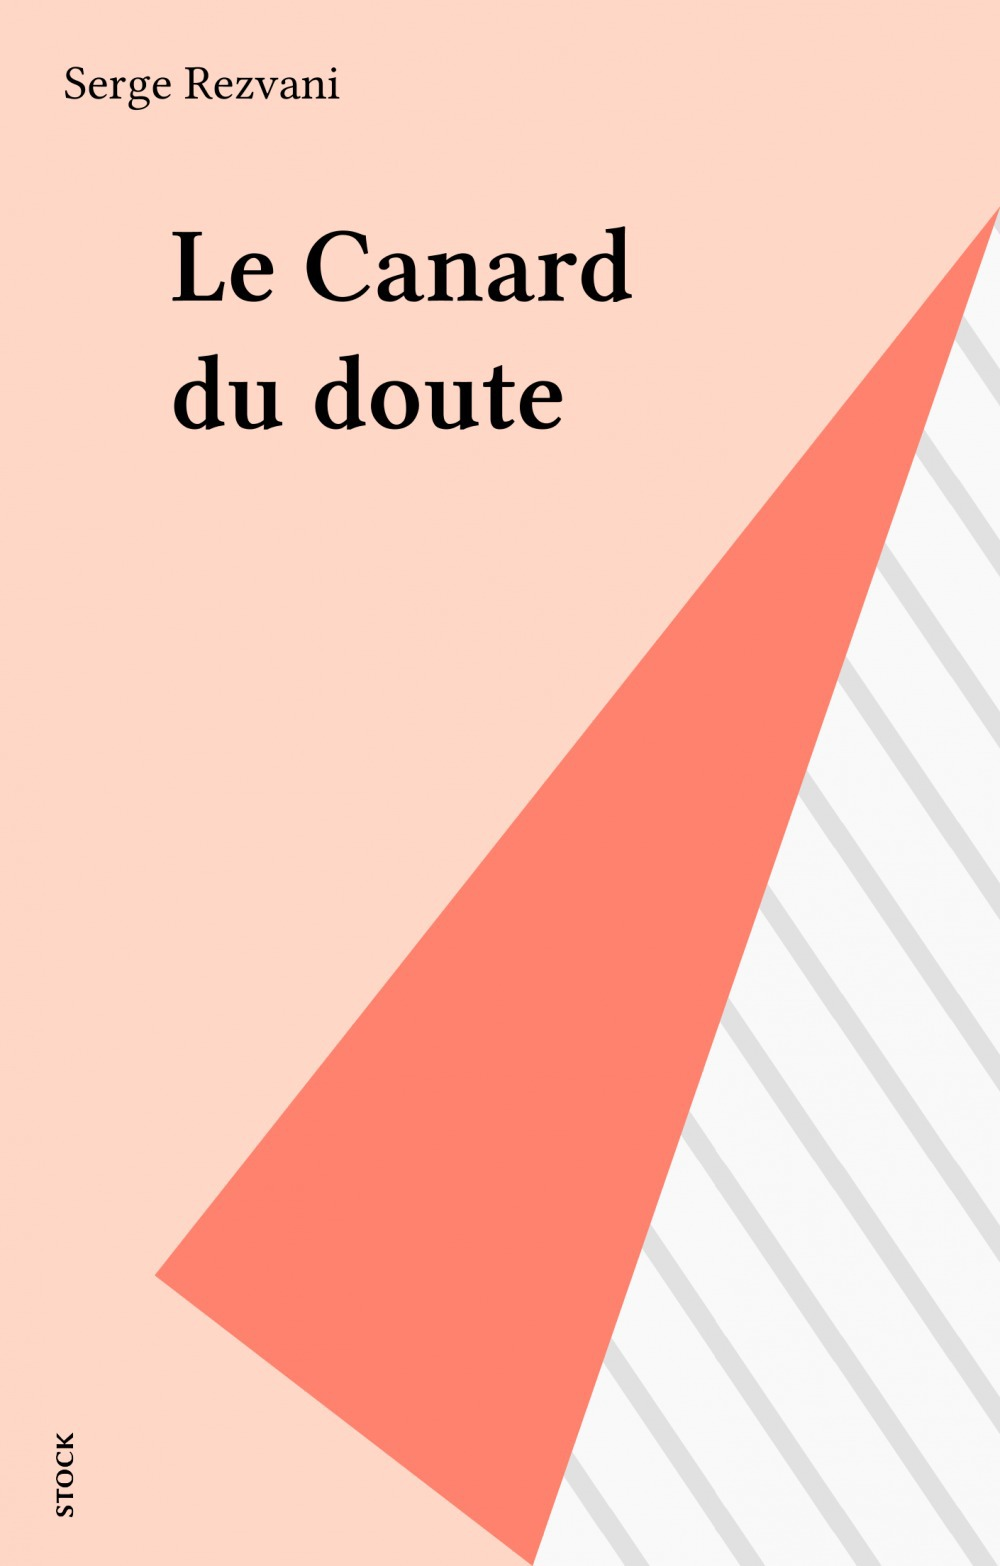 Le Canard du doute  - Serge Rezvani